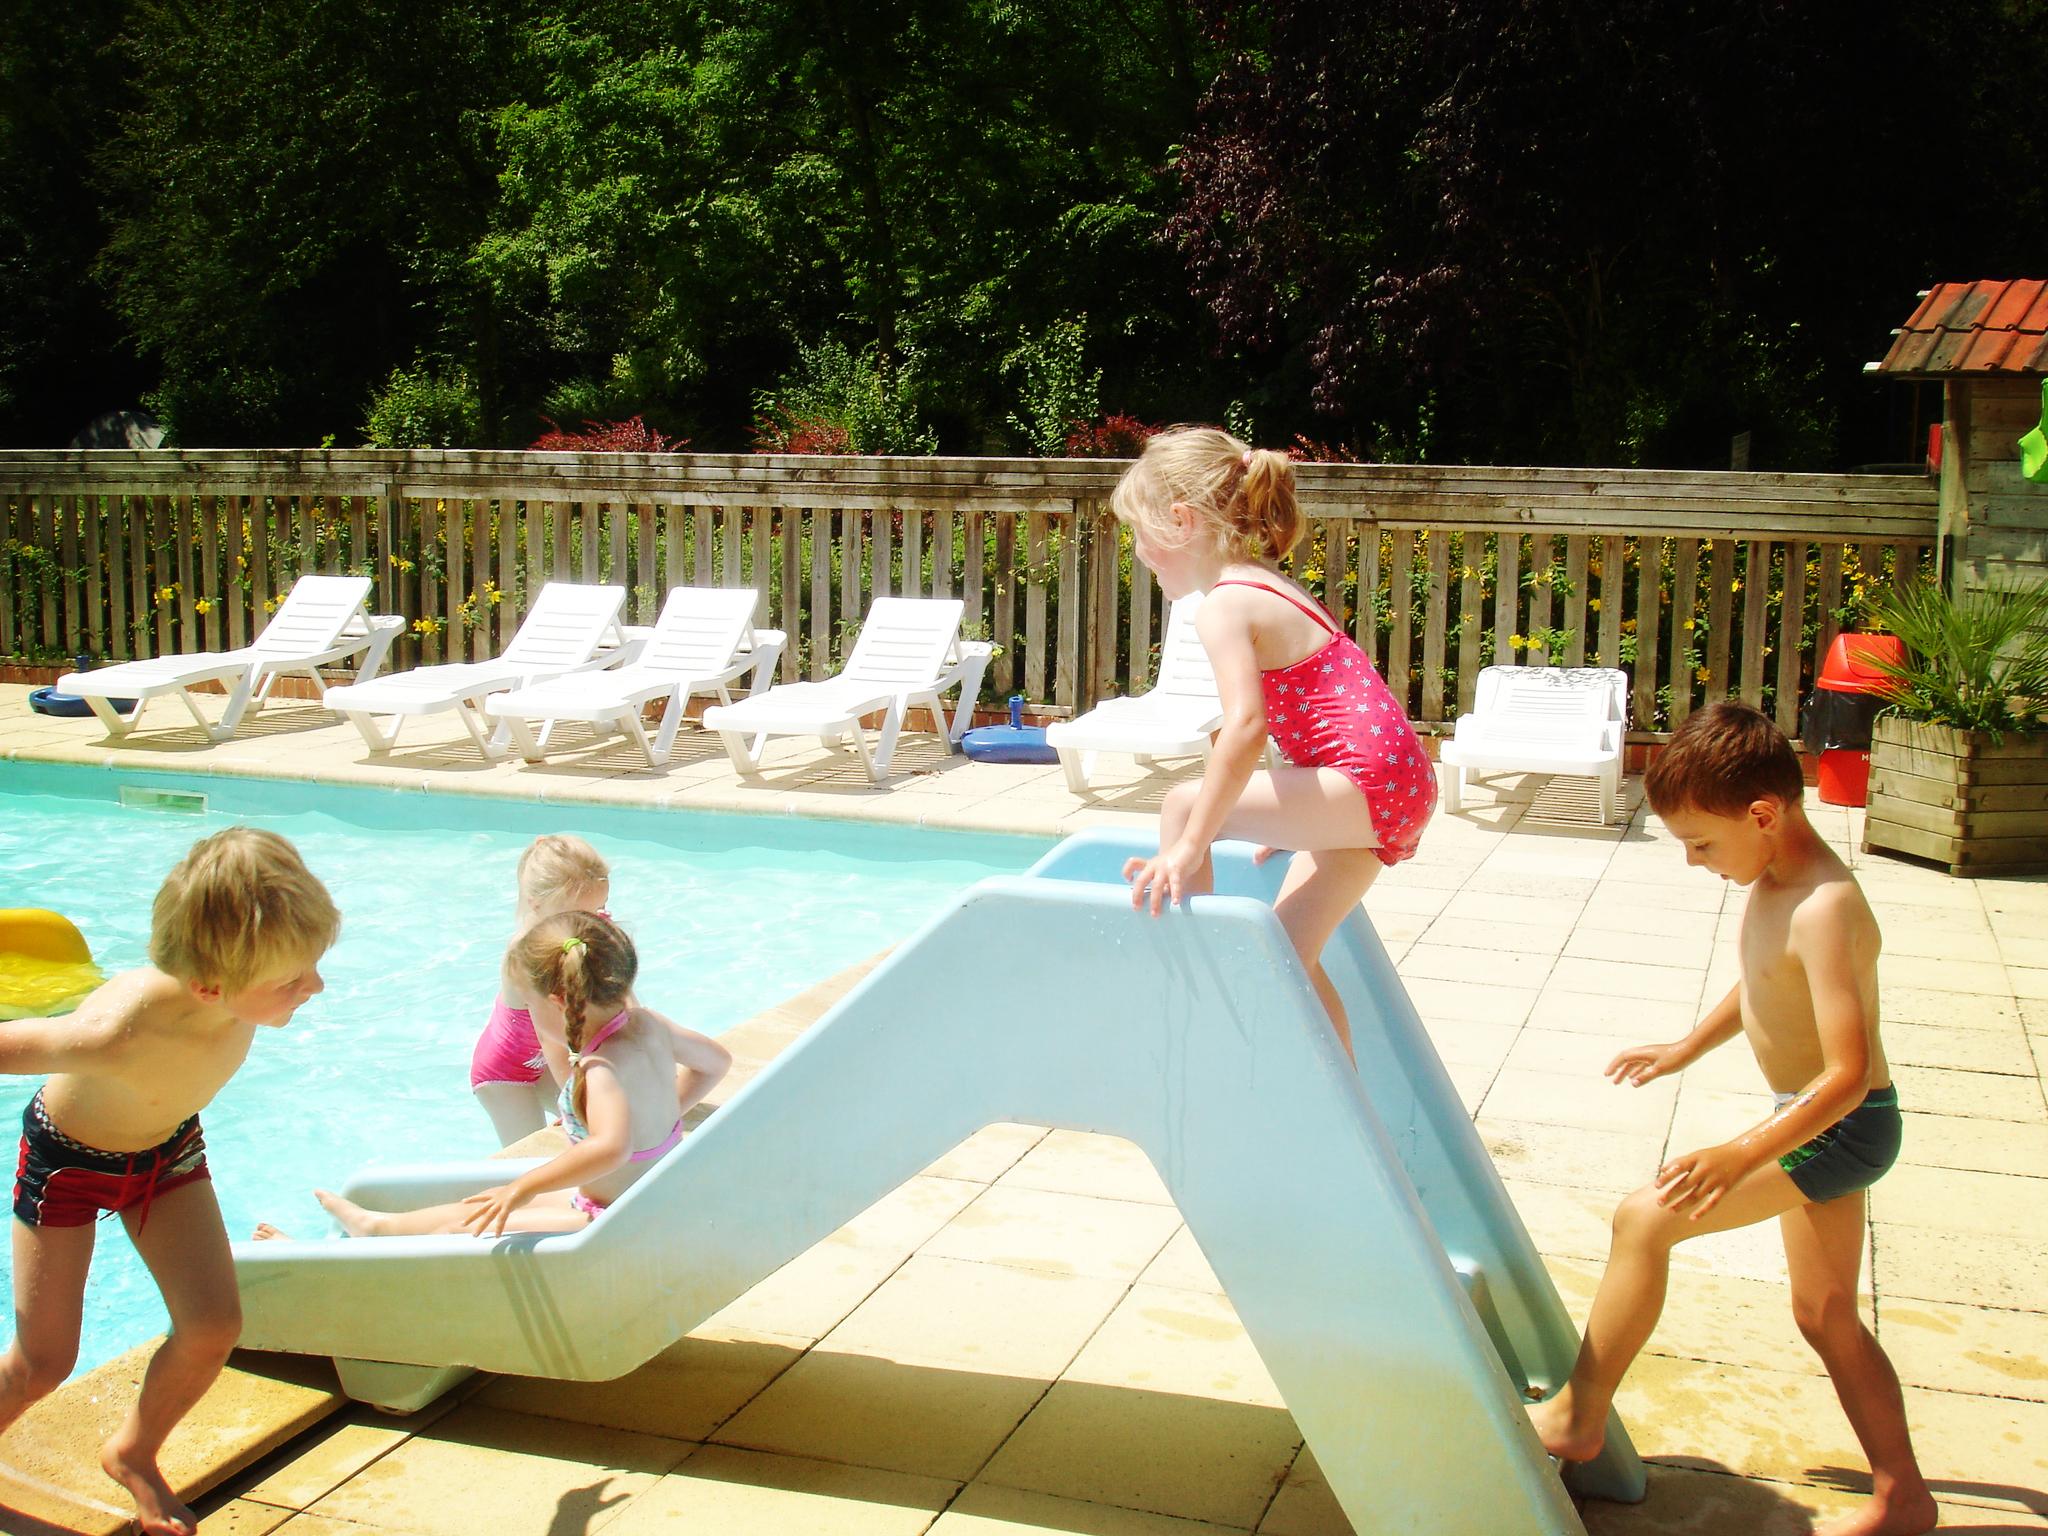 Profiter vos vacances dans le camping avec un parc aquatique pour les enfants